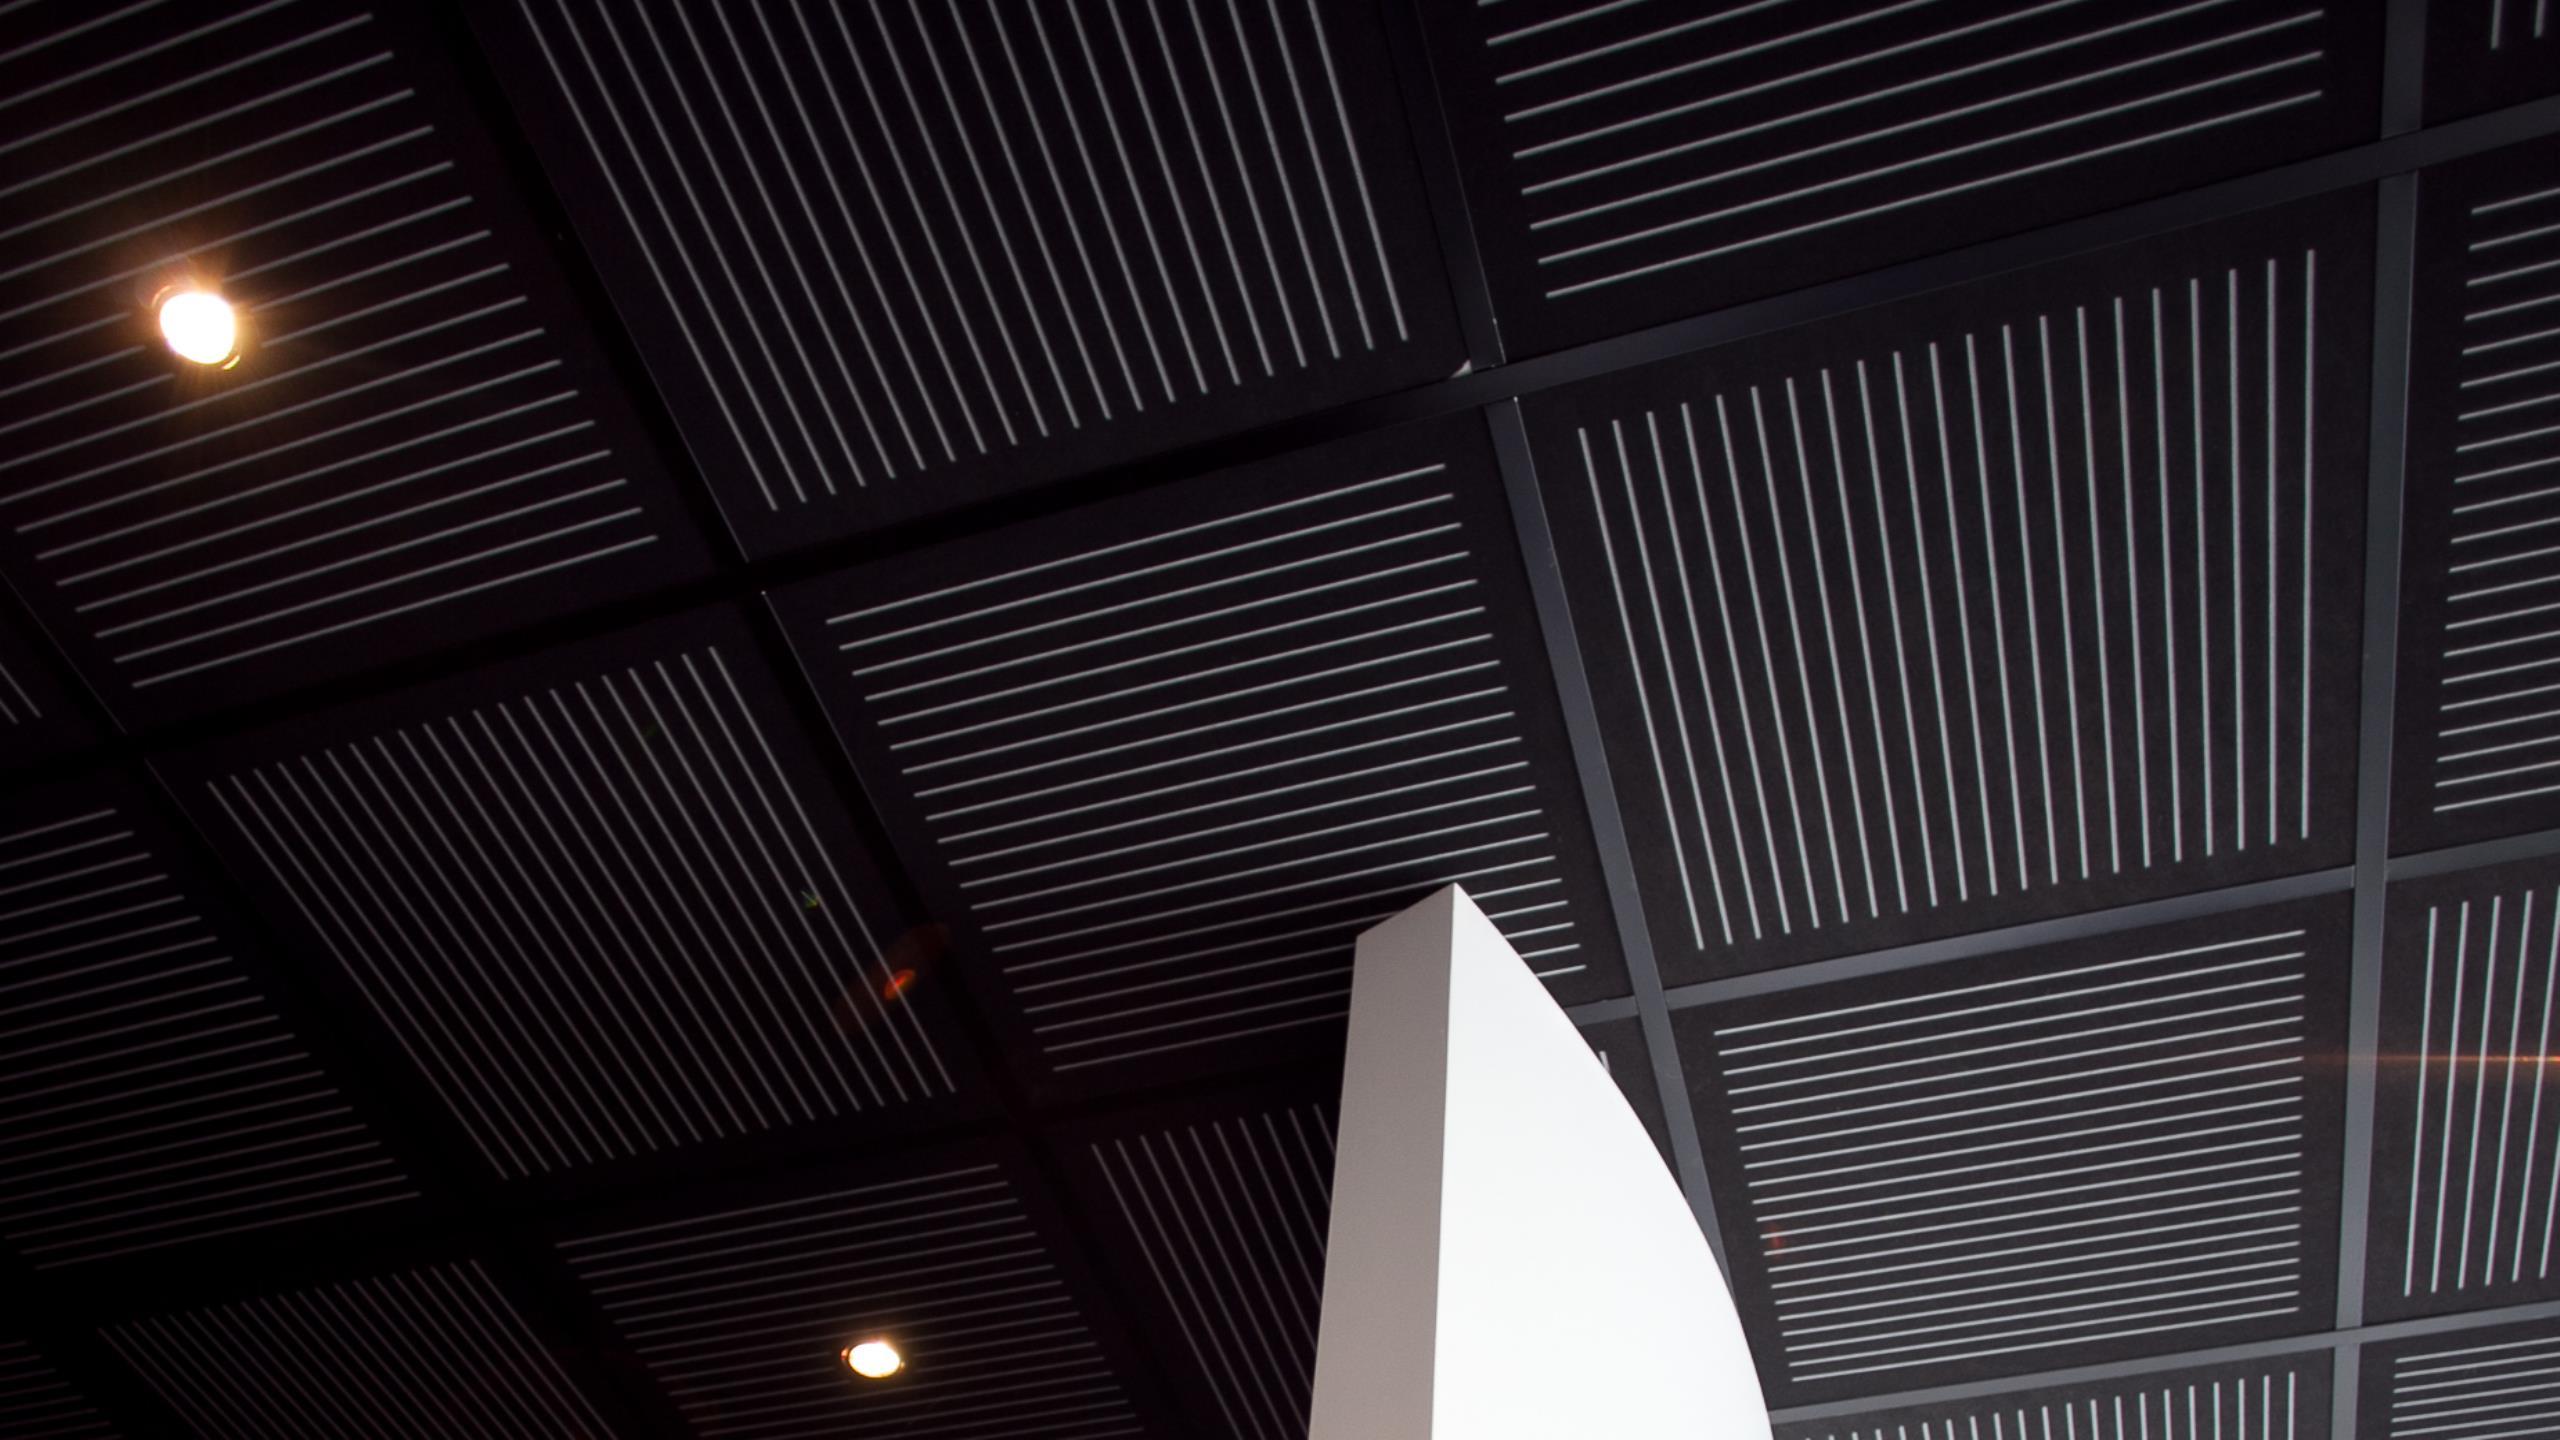 Air NZ- Hangar 9 Exhibition Centre - Sonaris S4, black on grey